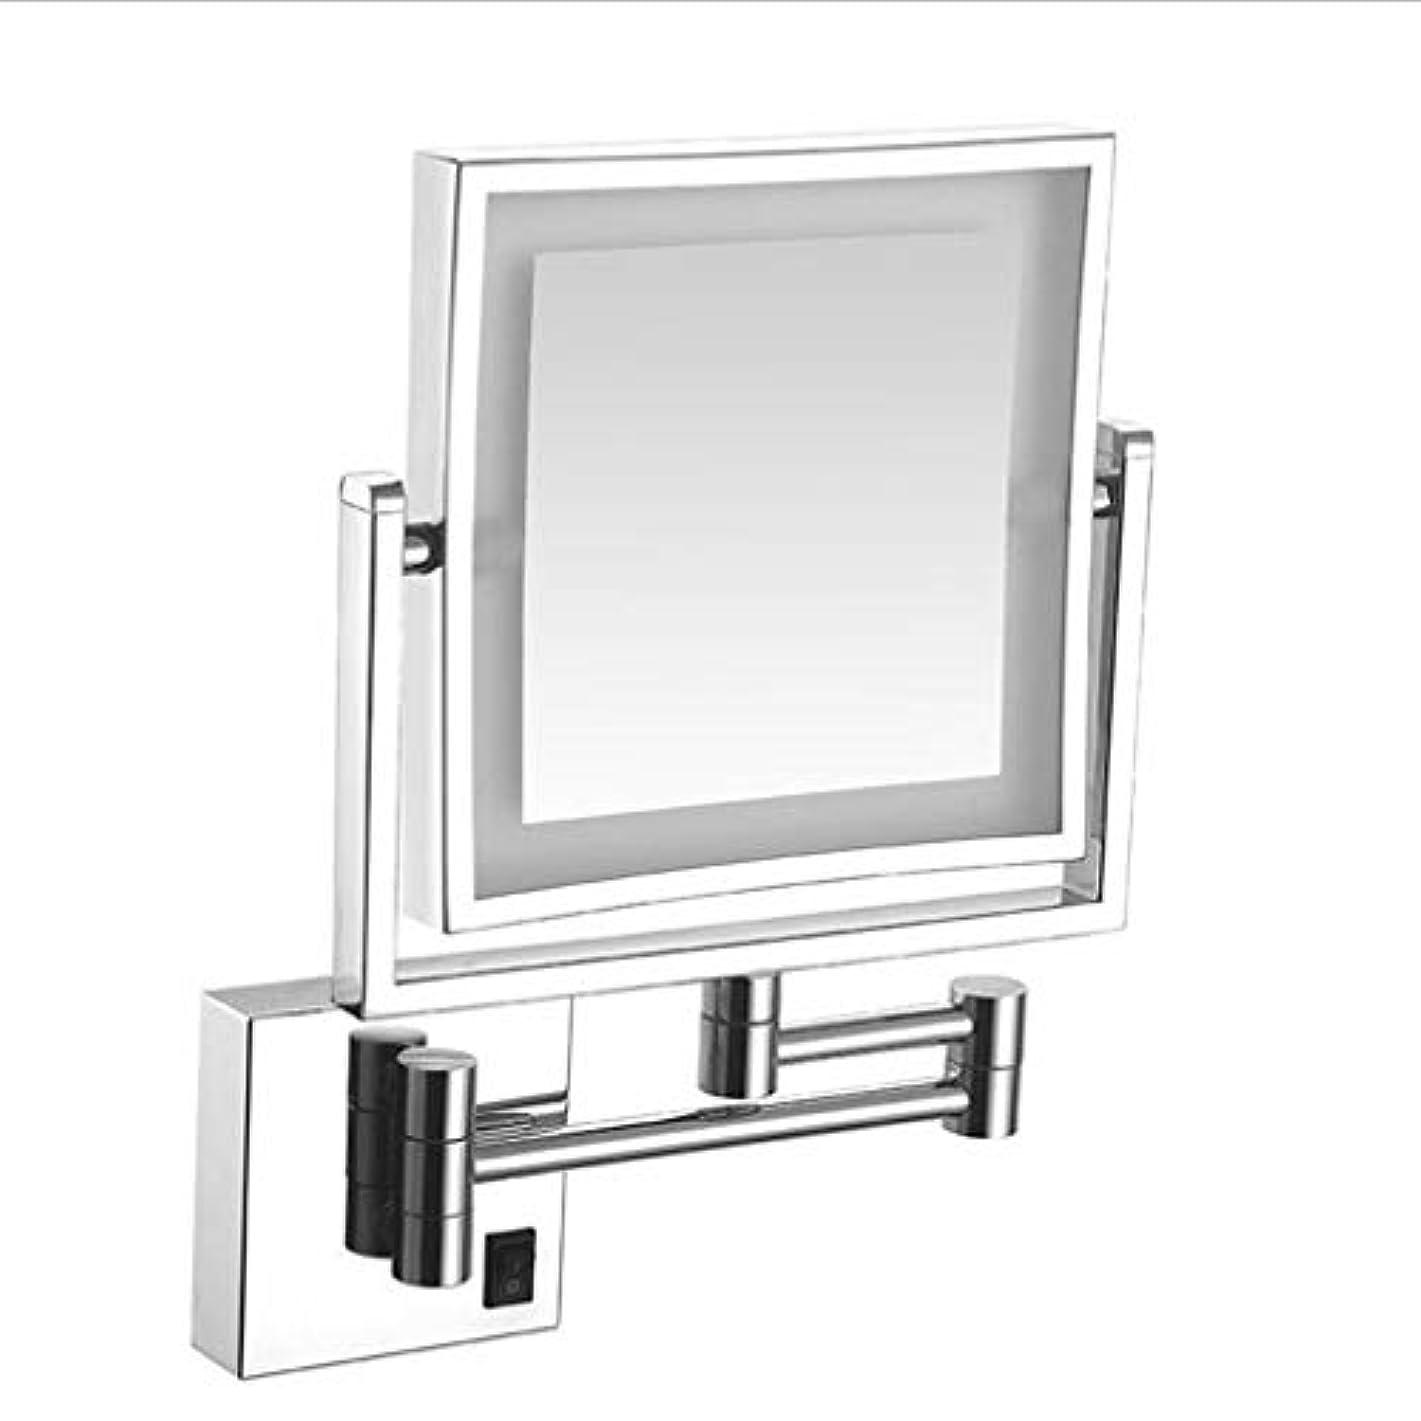 区画商人スワップCUUYQ 化粧鏡LEDライト、両面 3倍拡大 けメイクミラー 360 °回転 壁掛け式 伸縮可能折り 化粧ミラー 8インチハードワイヤード接続,Silver